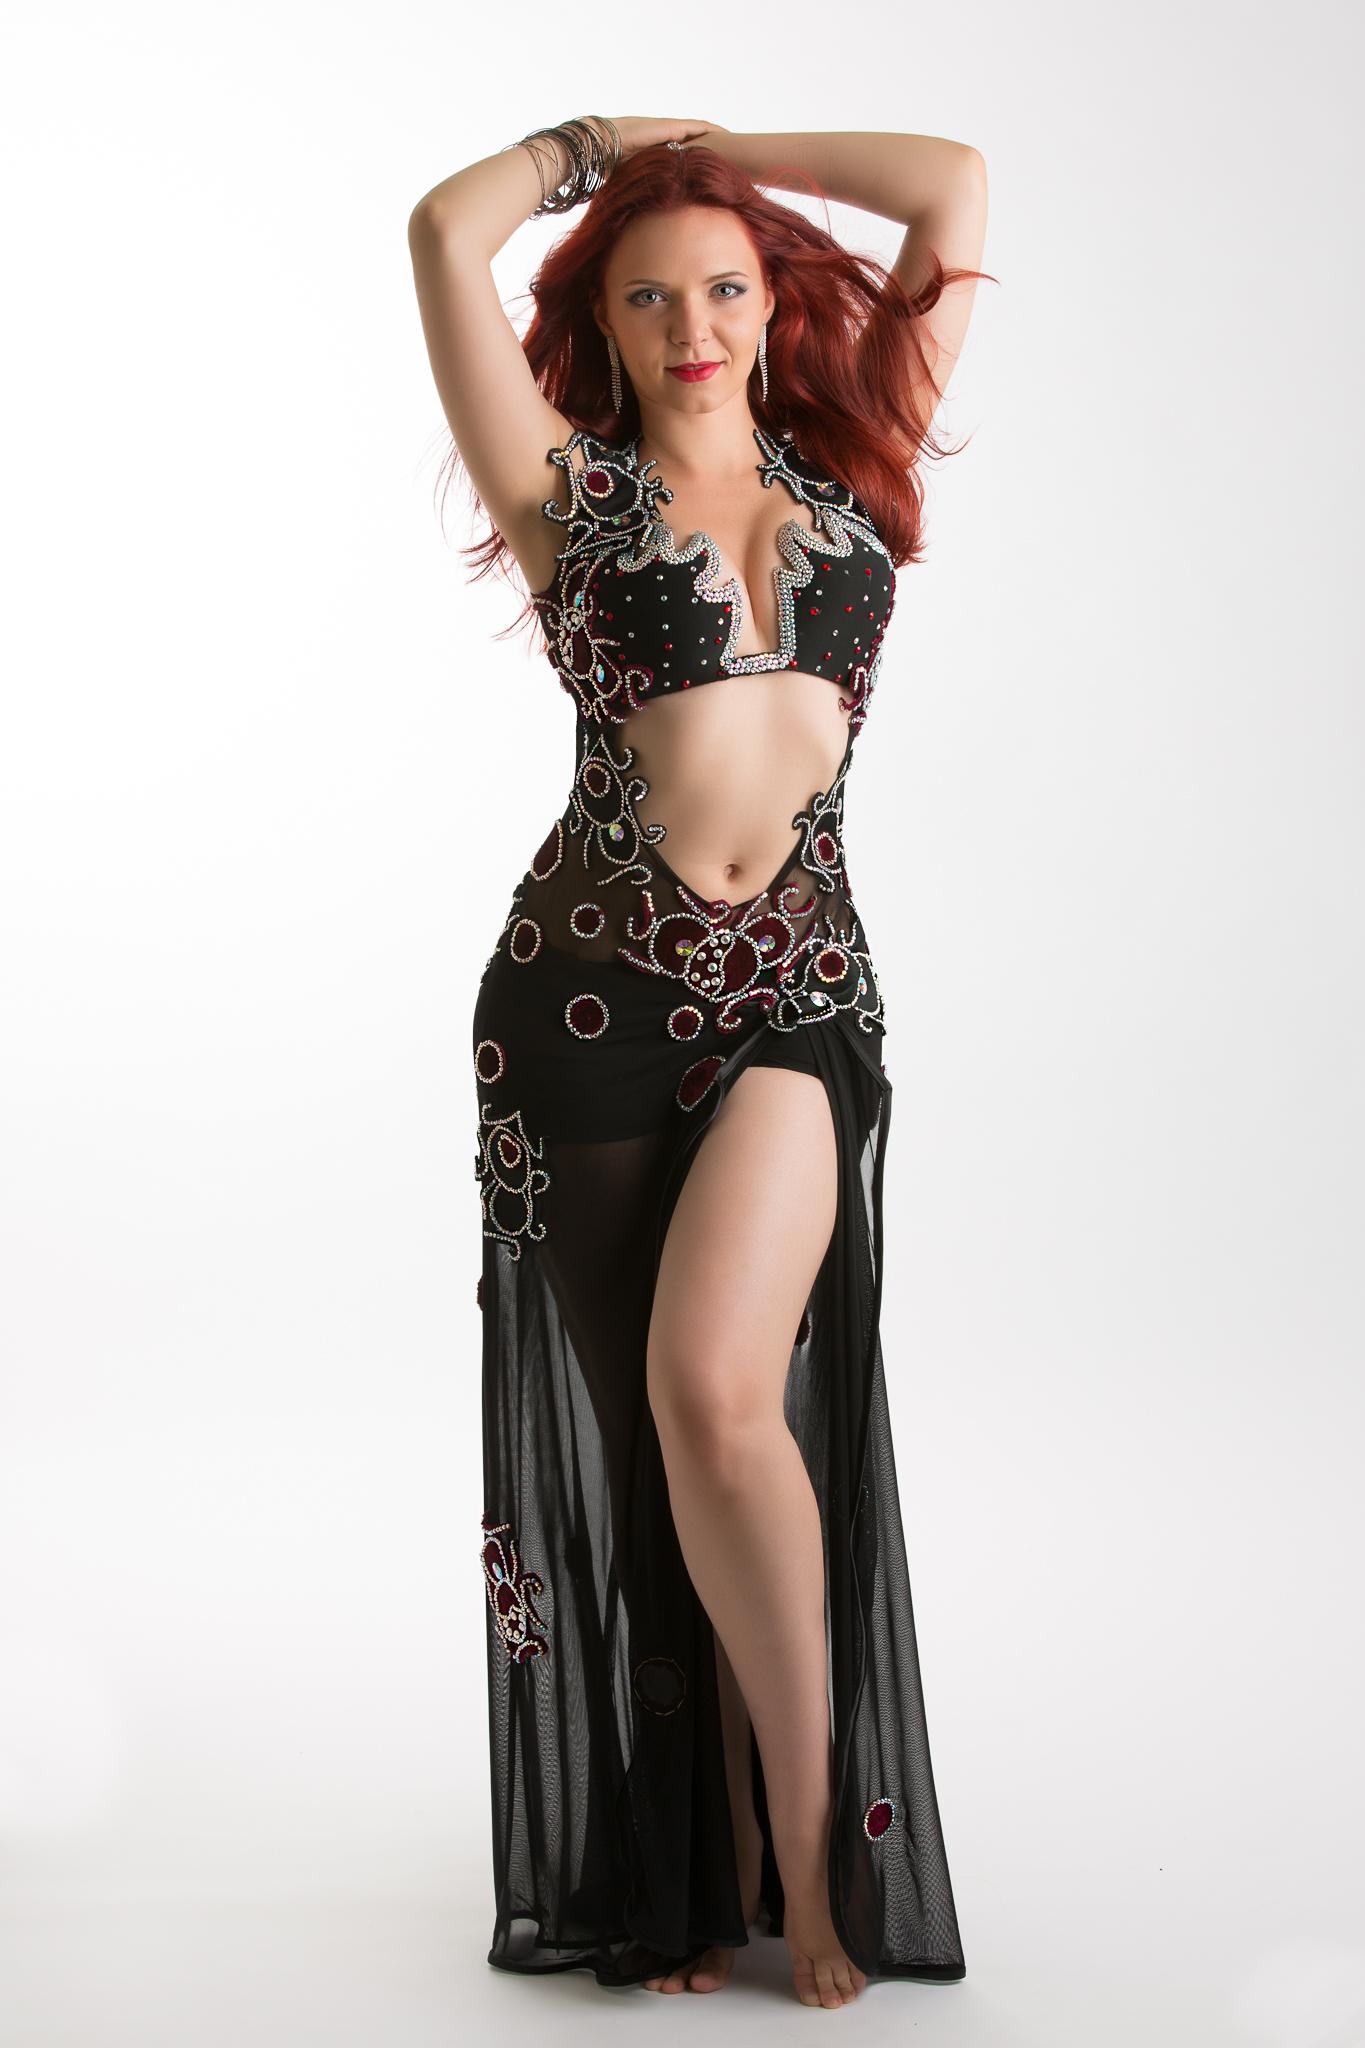 Raqia style dress